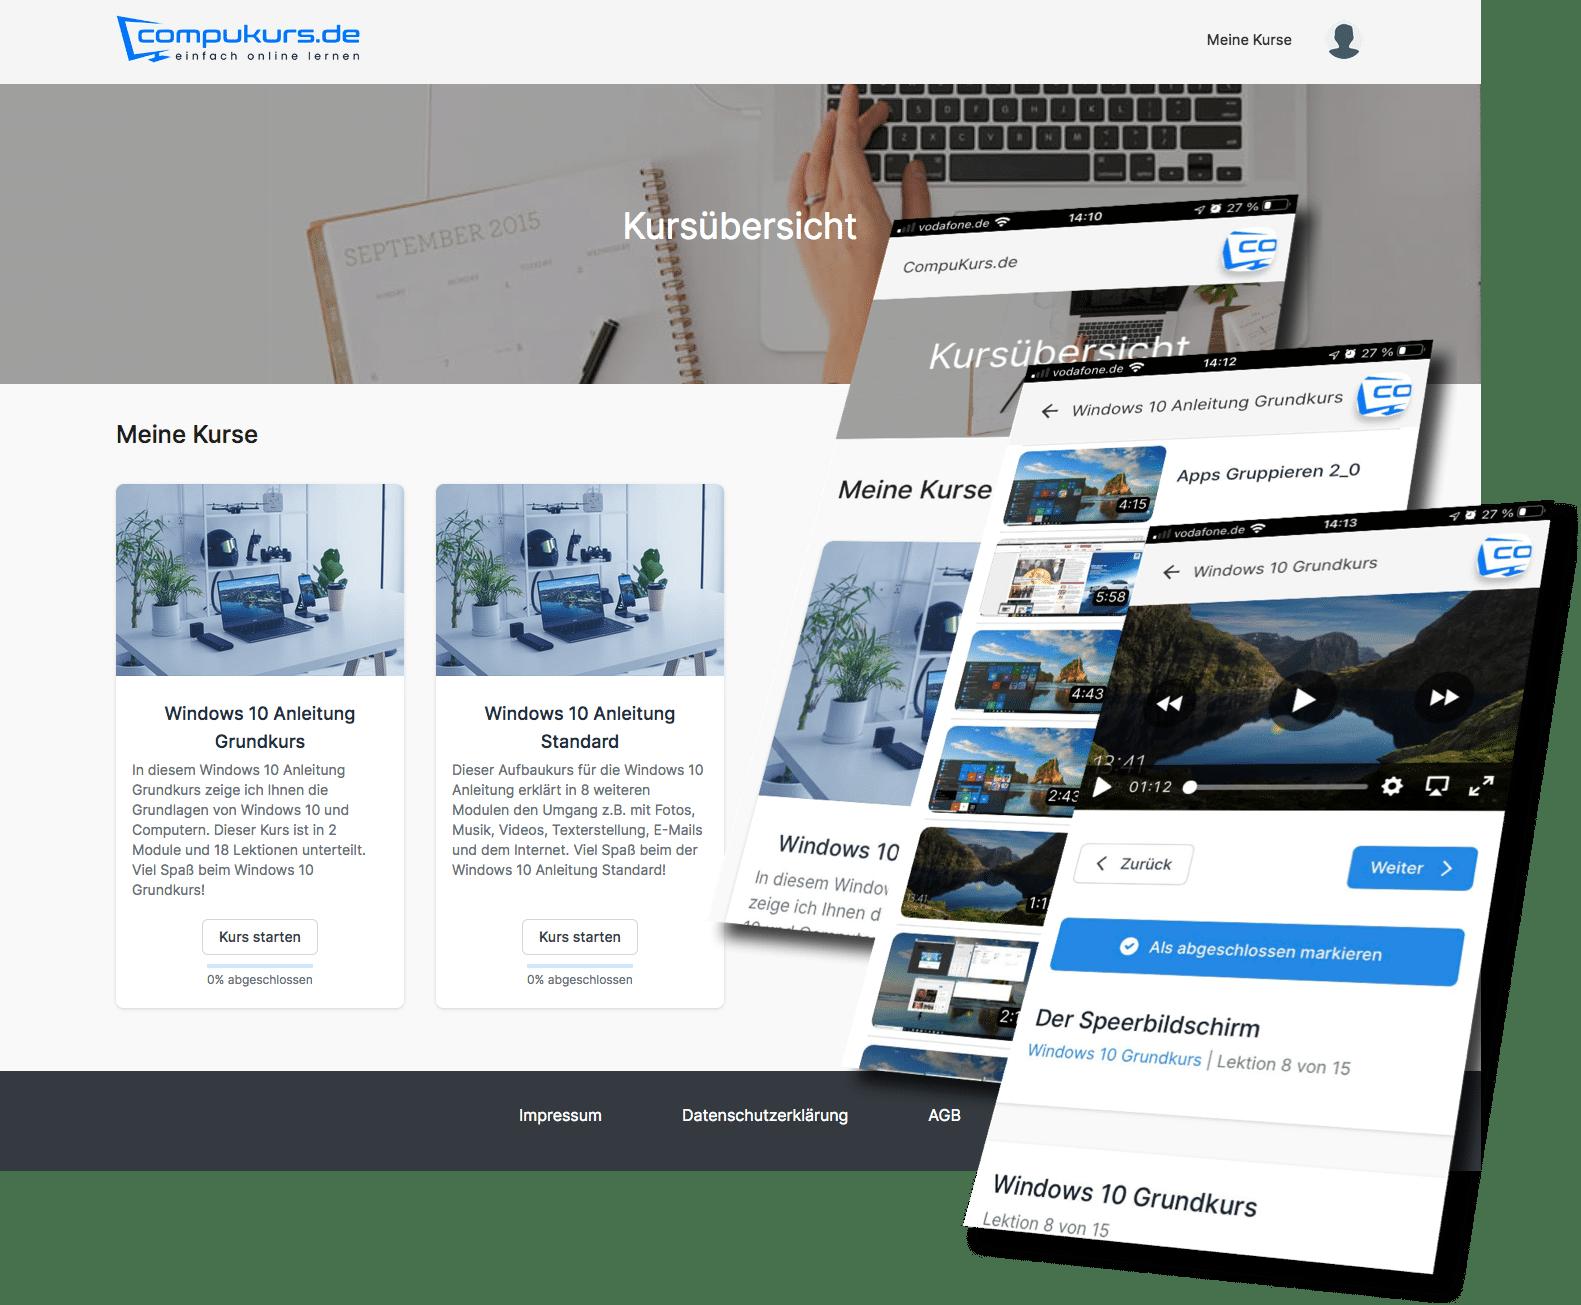 Compukurs_Bild-App-Vorstellung3